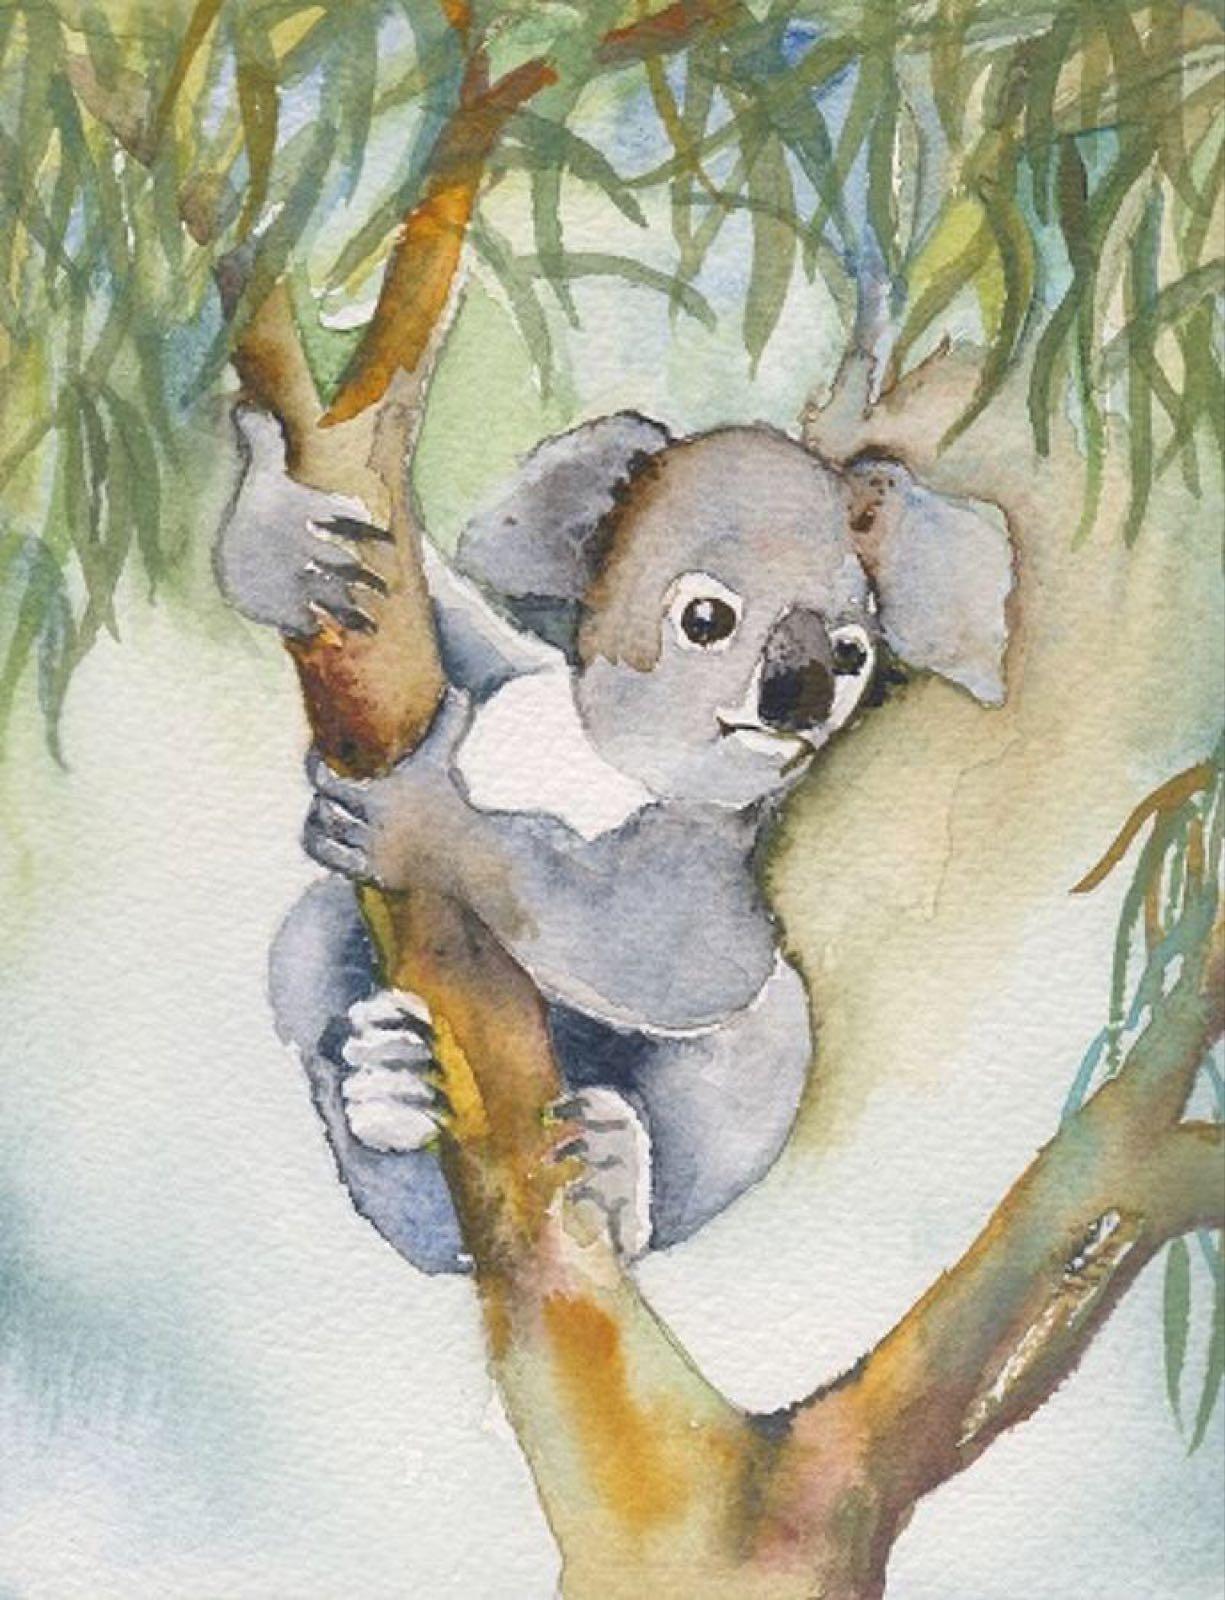 'Koala in a Tree' Furzedown Gallery Mini Card